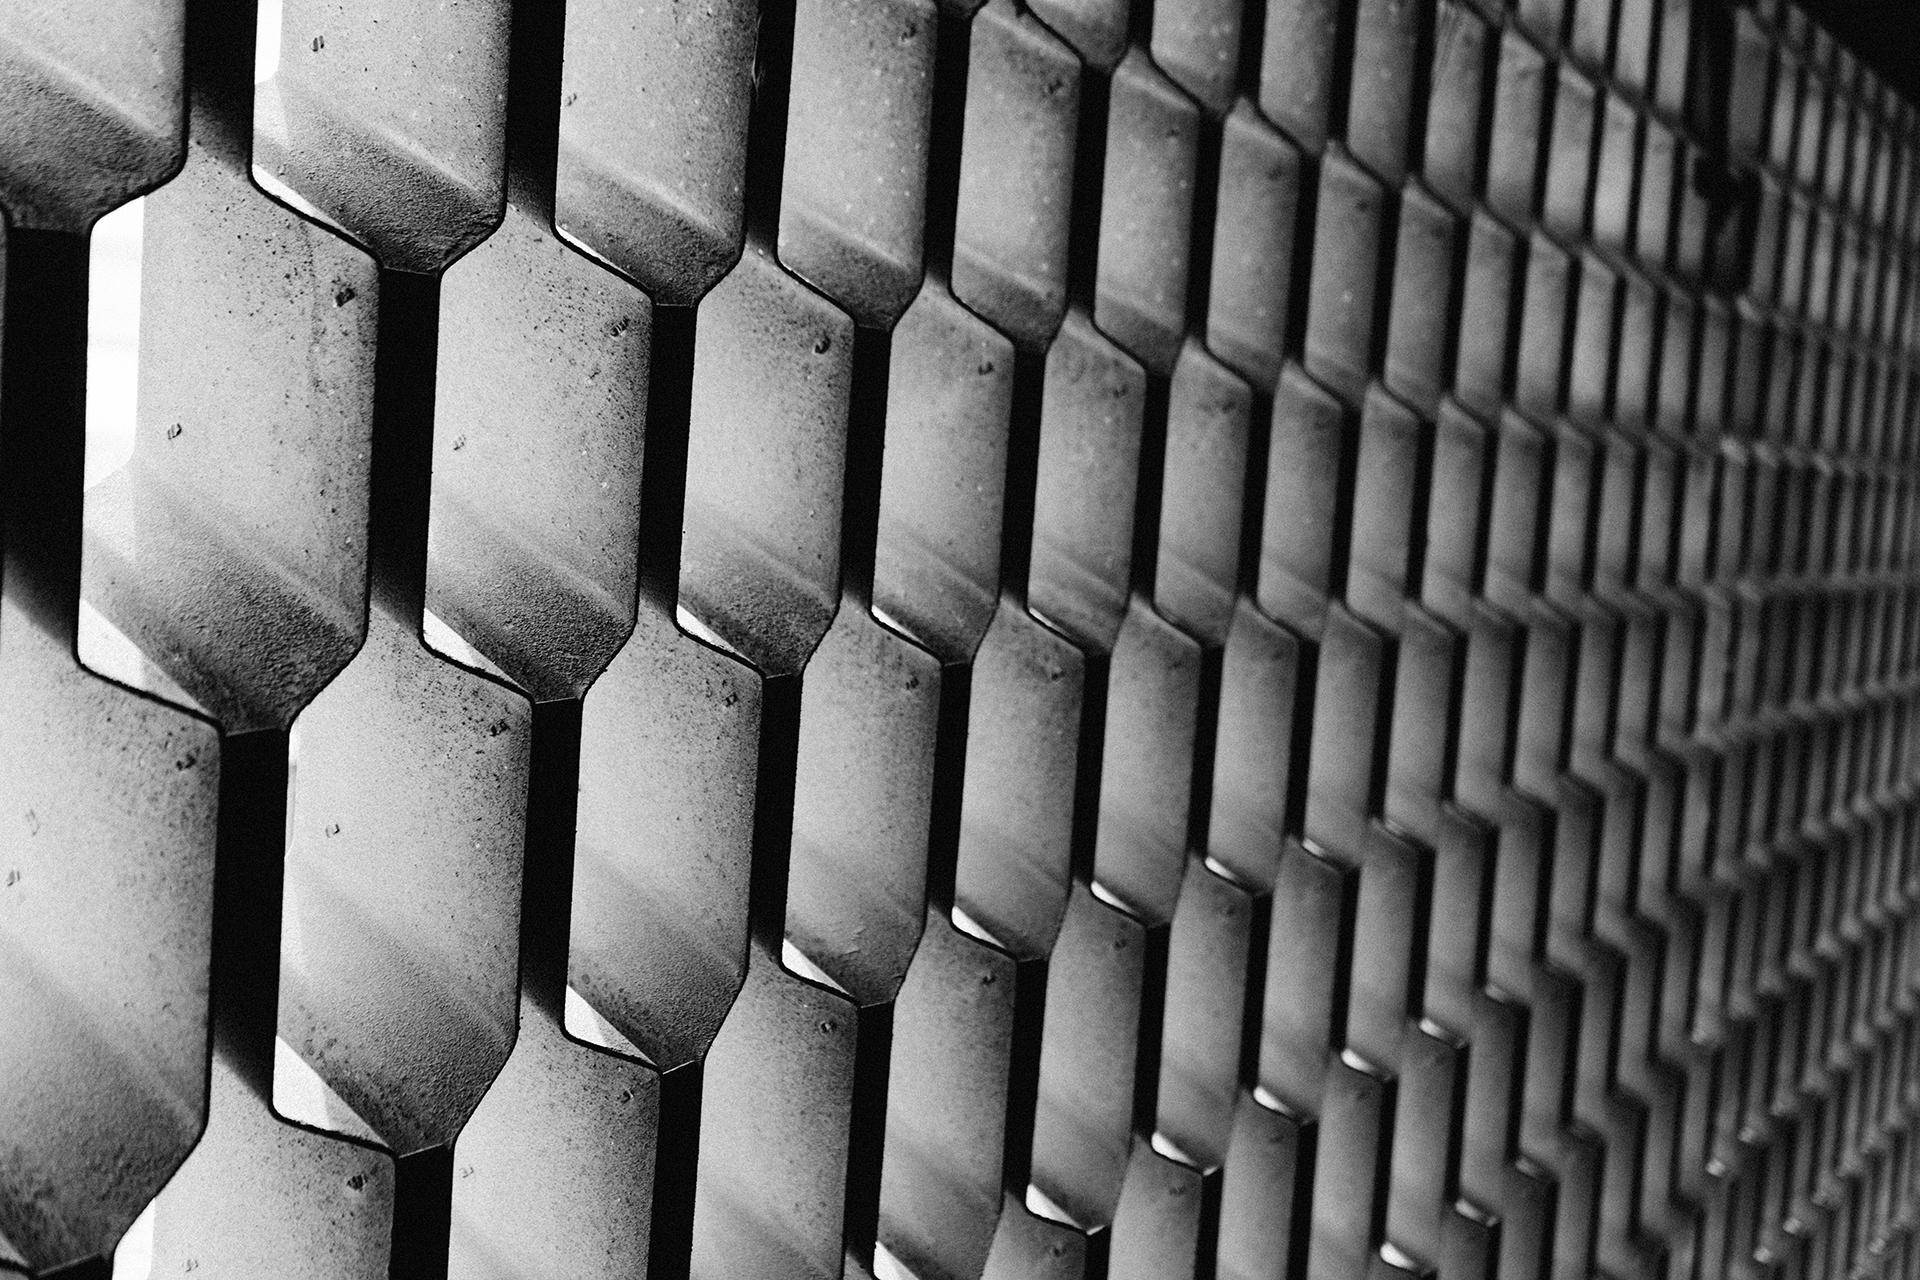 金属, 模式, 蜂巢, 孔, 在黑色和白色 - 高清壁纸 - 教授-falken.com